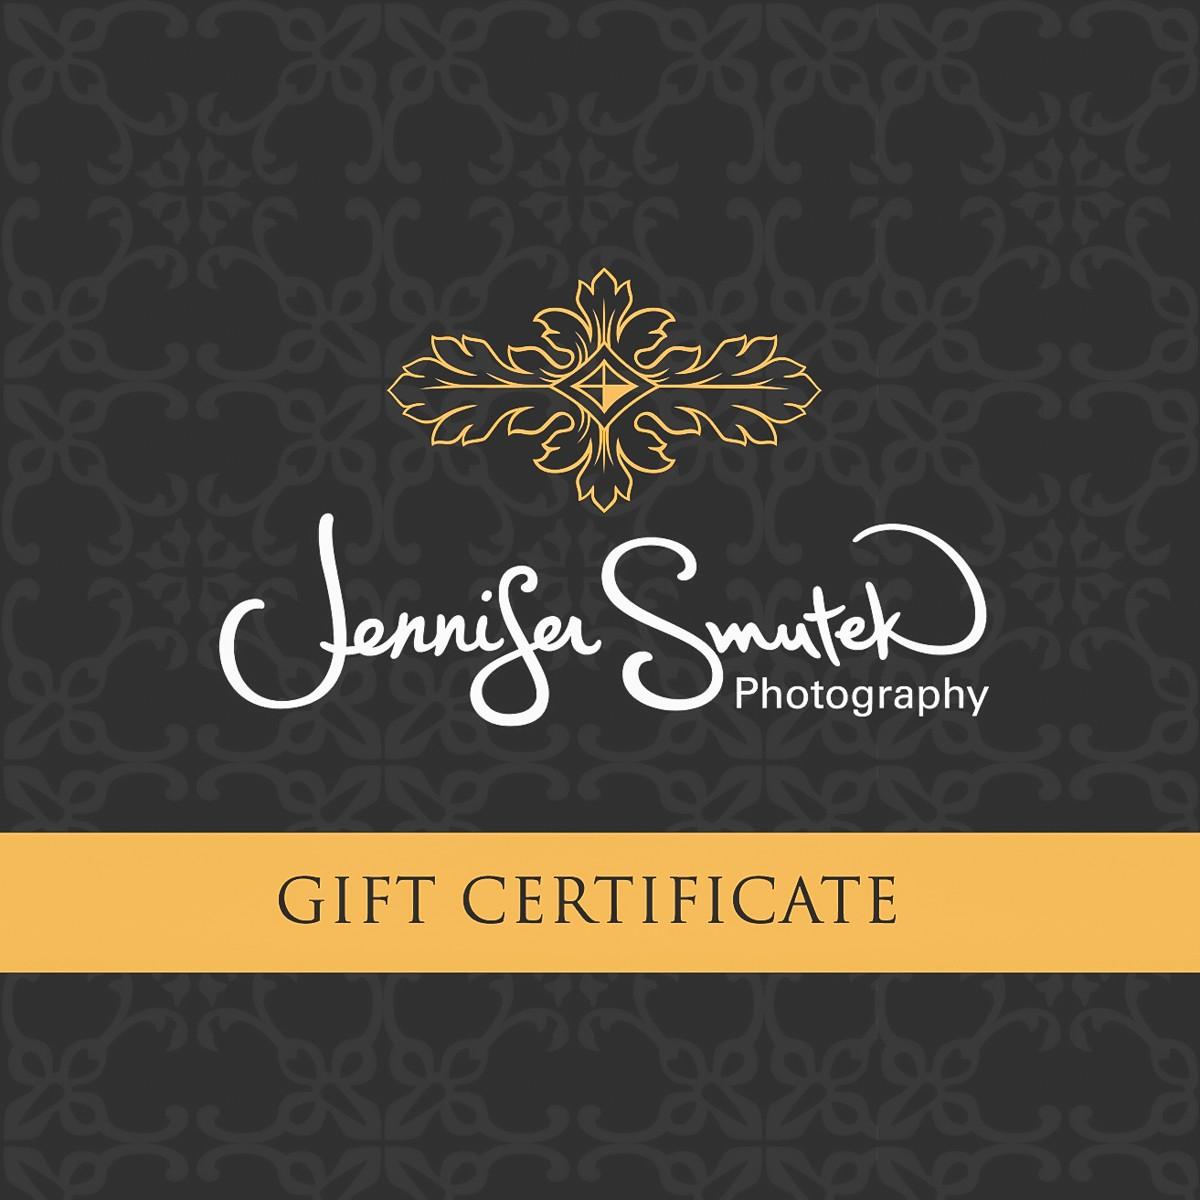 wedding album gift certificate